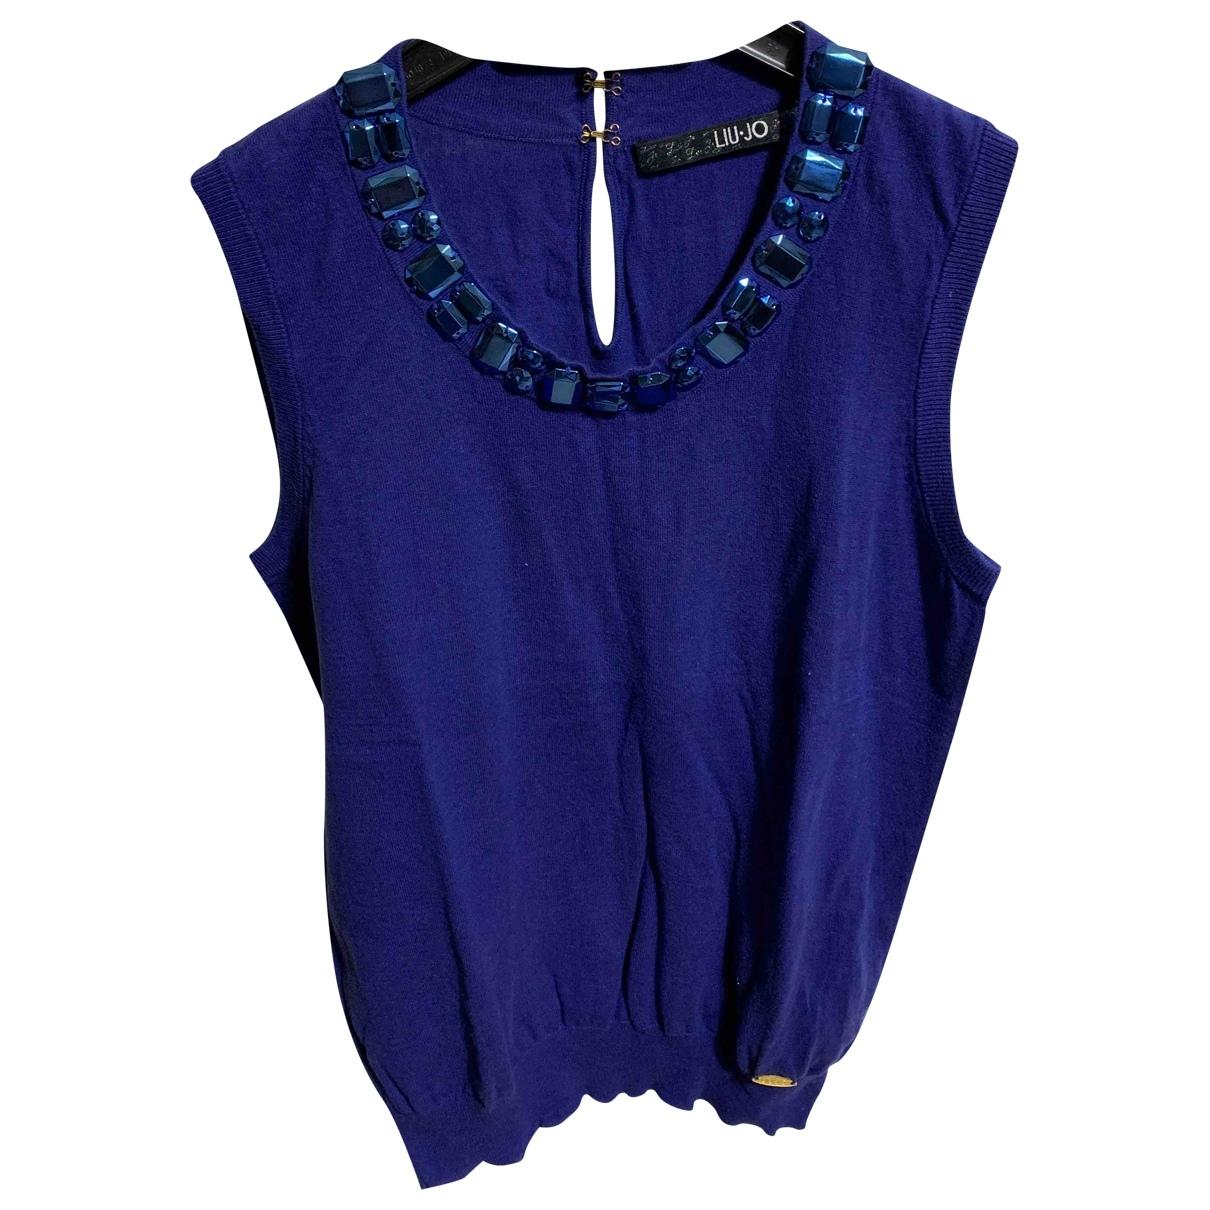 Liu.jo - Top   pour femme en coton - bleu